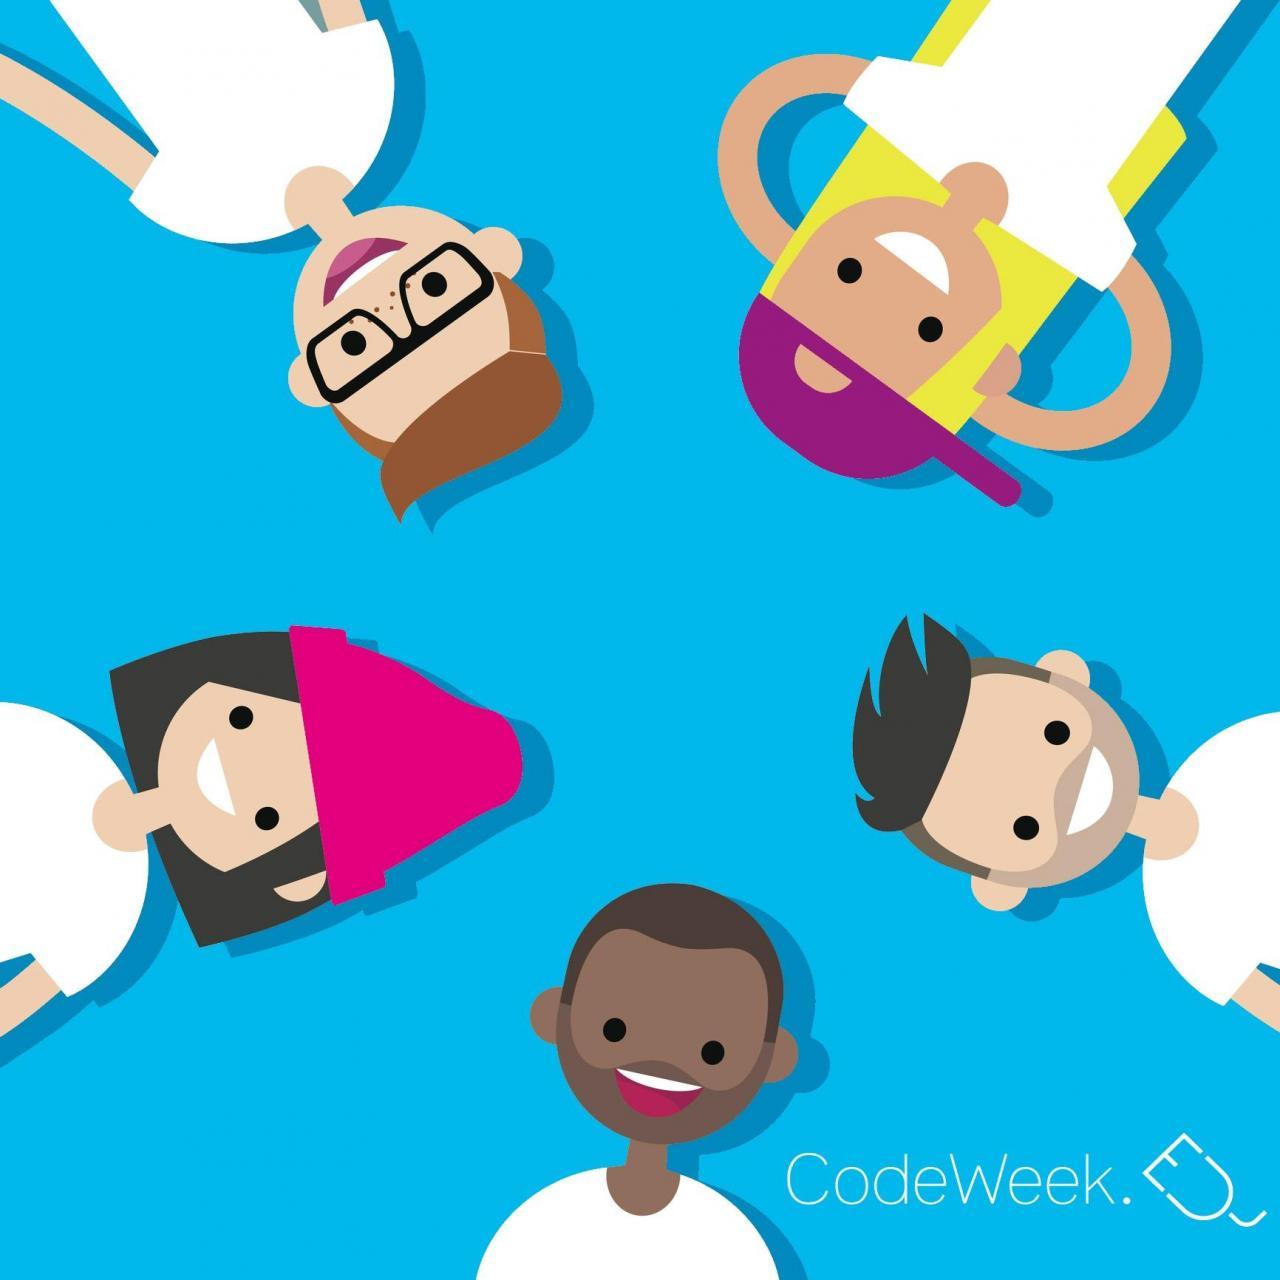 Code Week4all